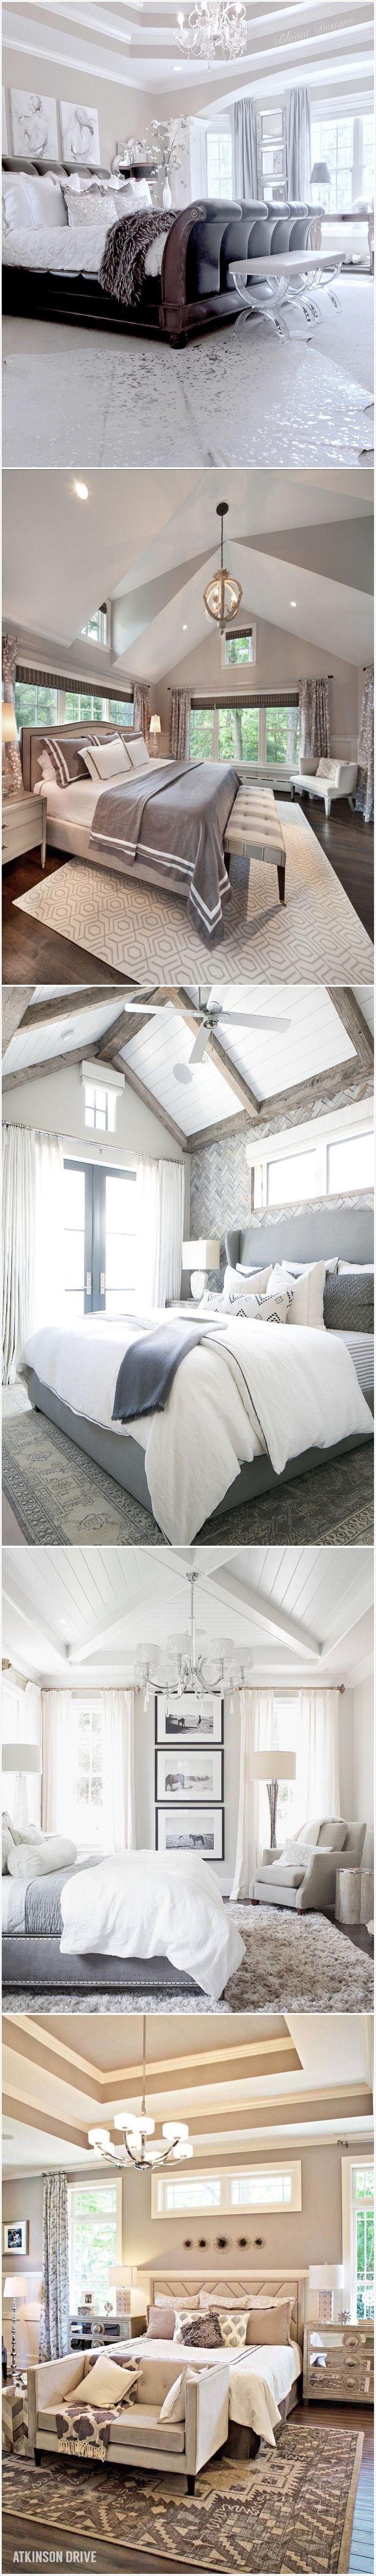 Modern Bed Kopen.Bedroom Design Design Pinn